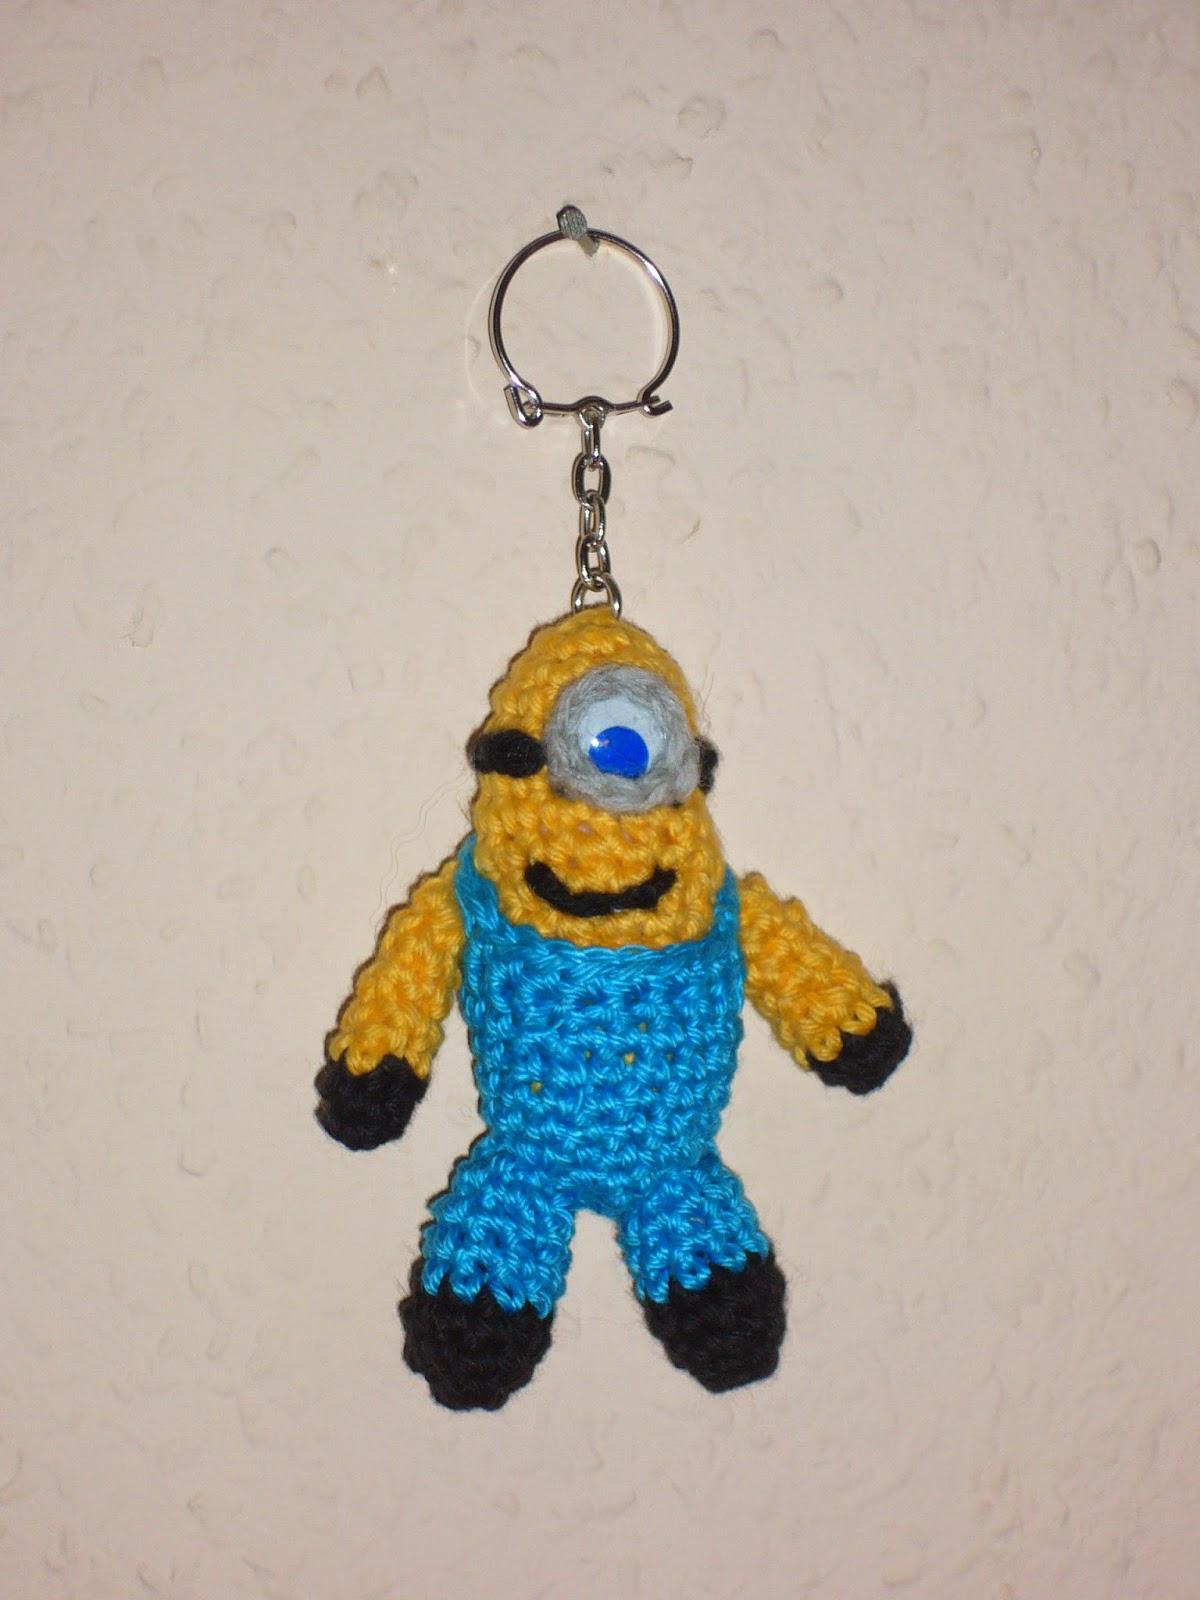 Amigurumi Minion Schlusselanhanger : handmade by Kathi: Minion-Schlusselanhanger